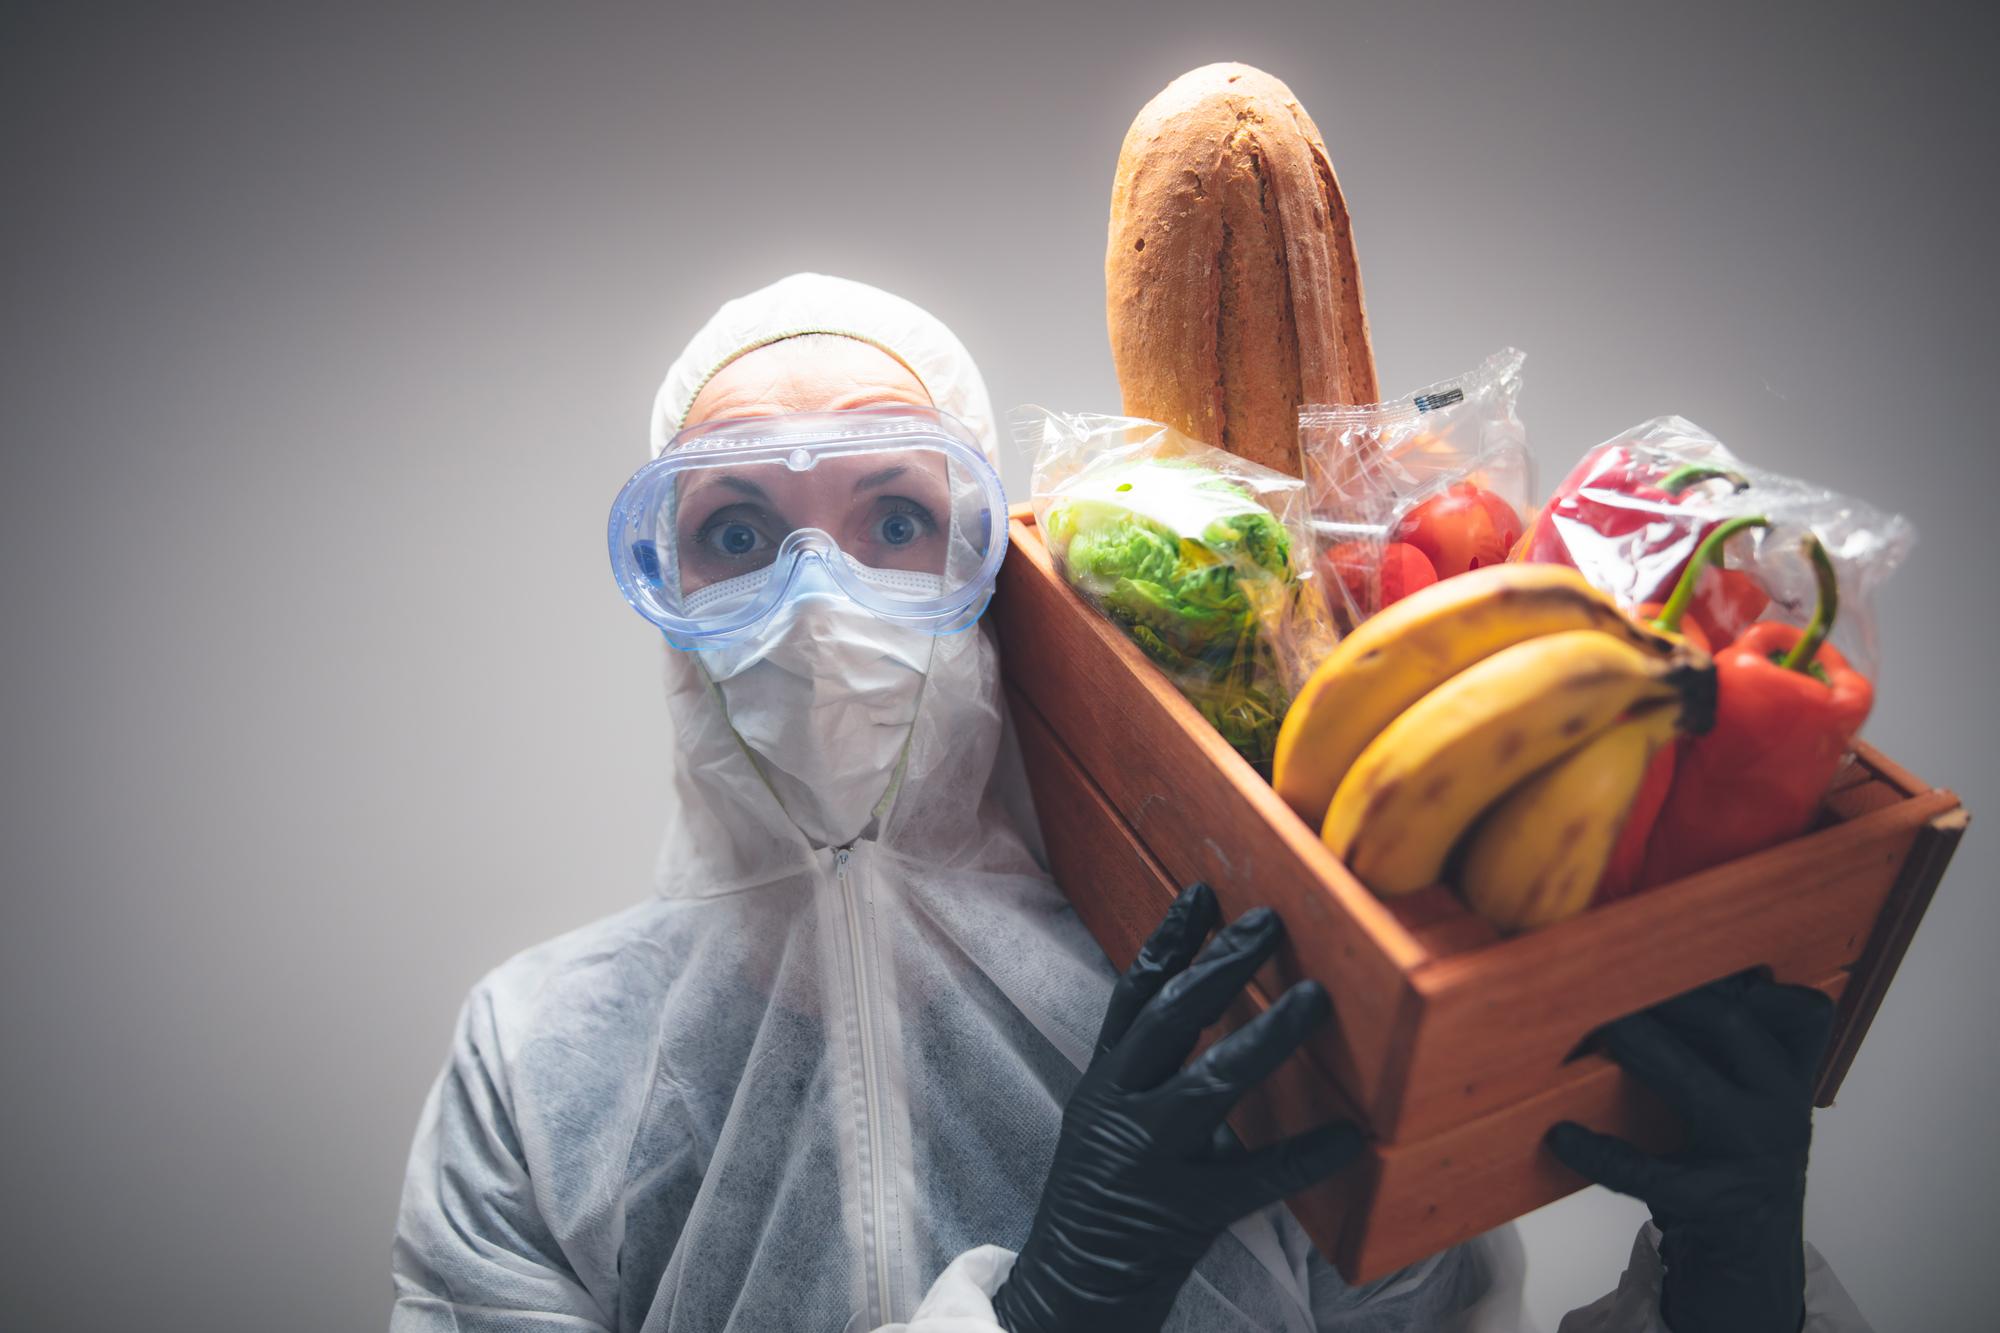 Представителям более обеспеченных категорий населения проще соблюдать самоизоляцию втом числе ипотому, что они чаще могут себе позволить заказать доставку продуктов питания надом.